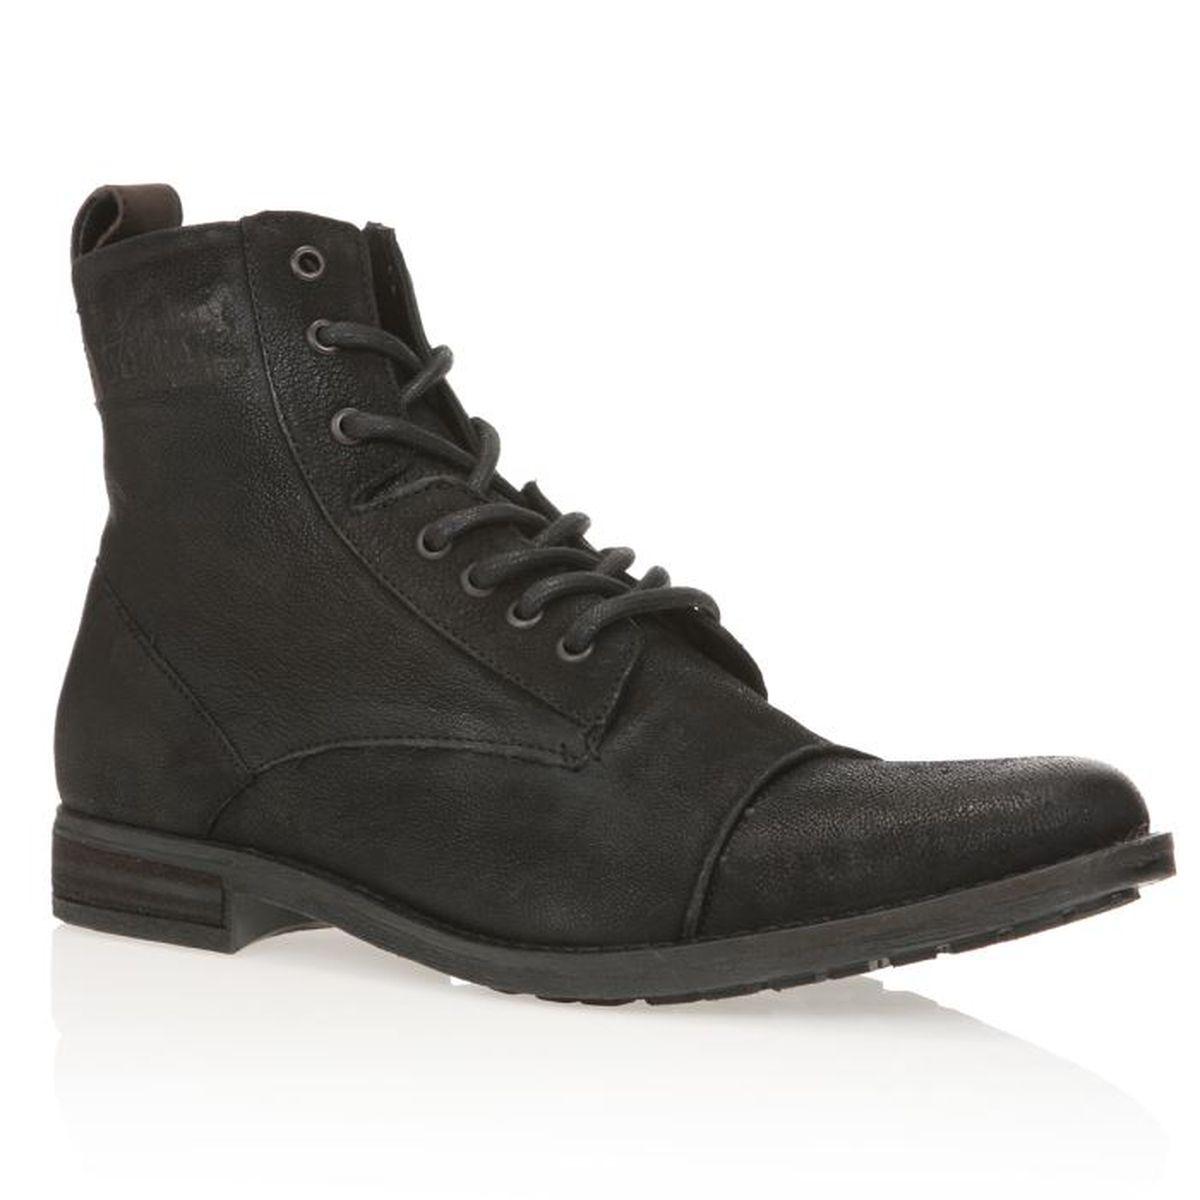 levis boots maine lace up homme homme noir achat vente levis boots maine lace up homme pas. Black Bedroom Furniture Sets. Home Design Ideas